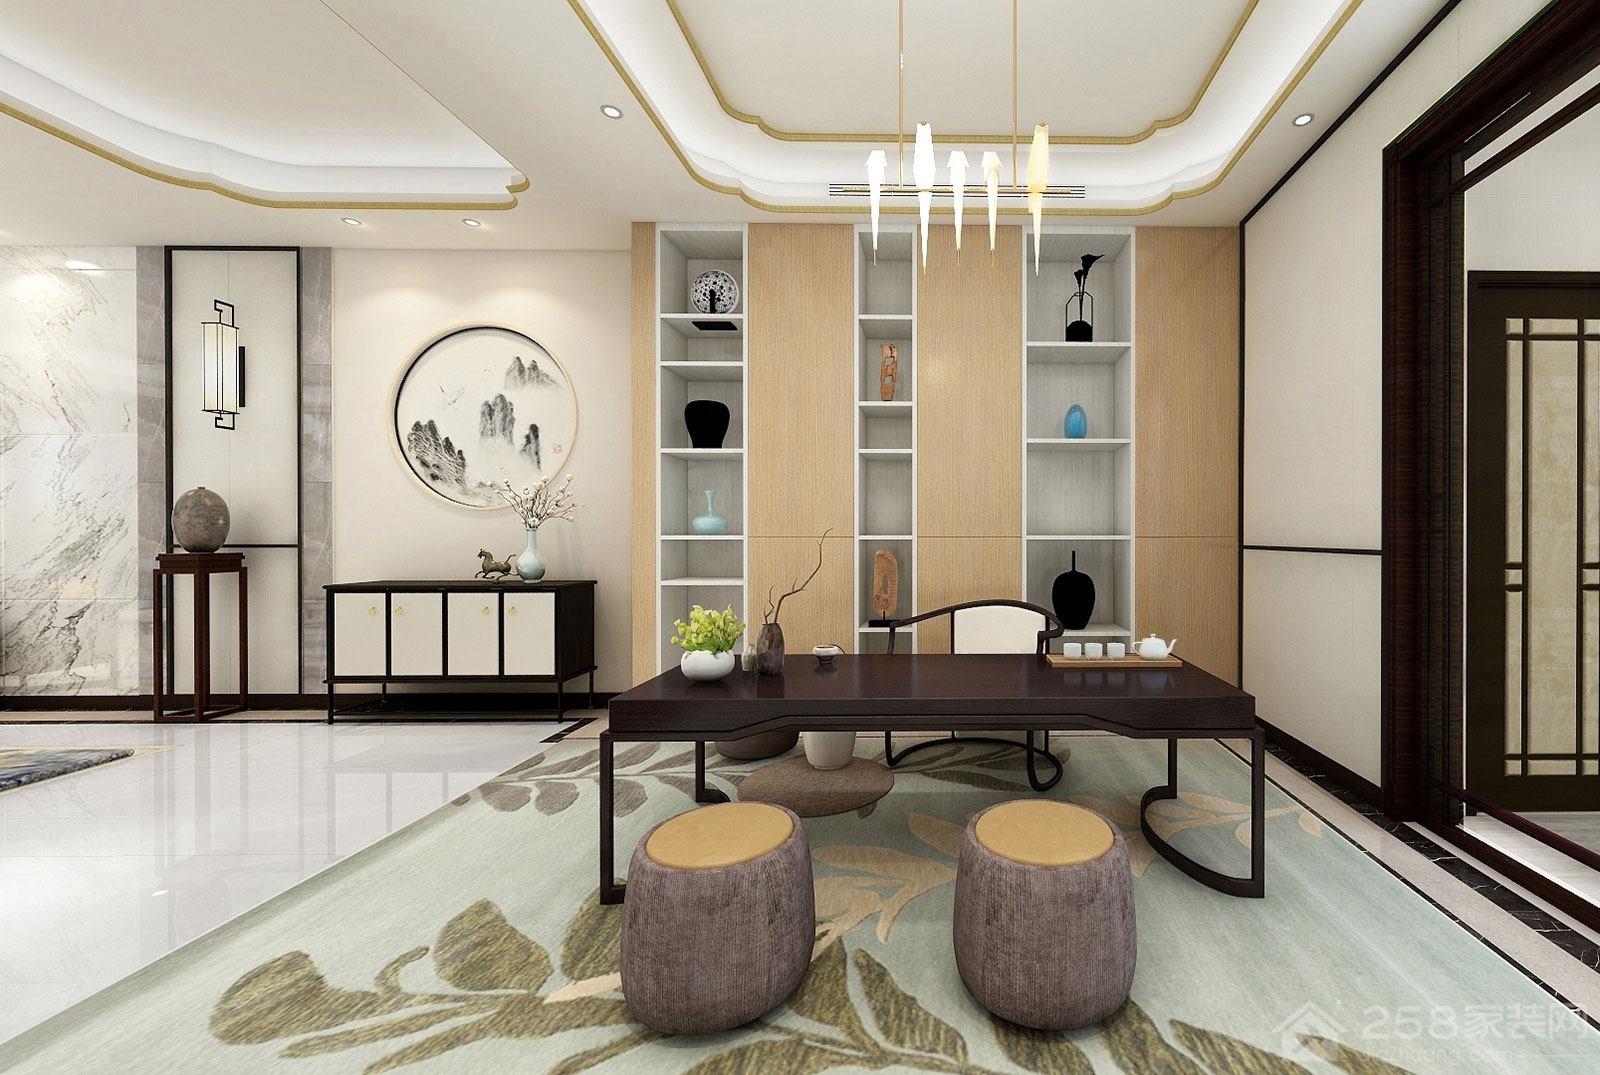 新中式设计家庭休闲区效果图